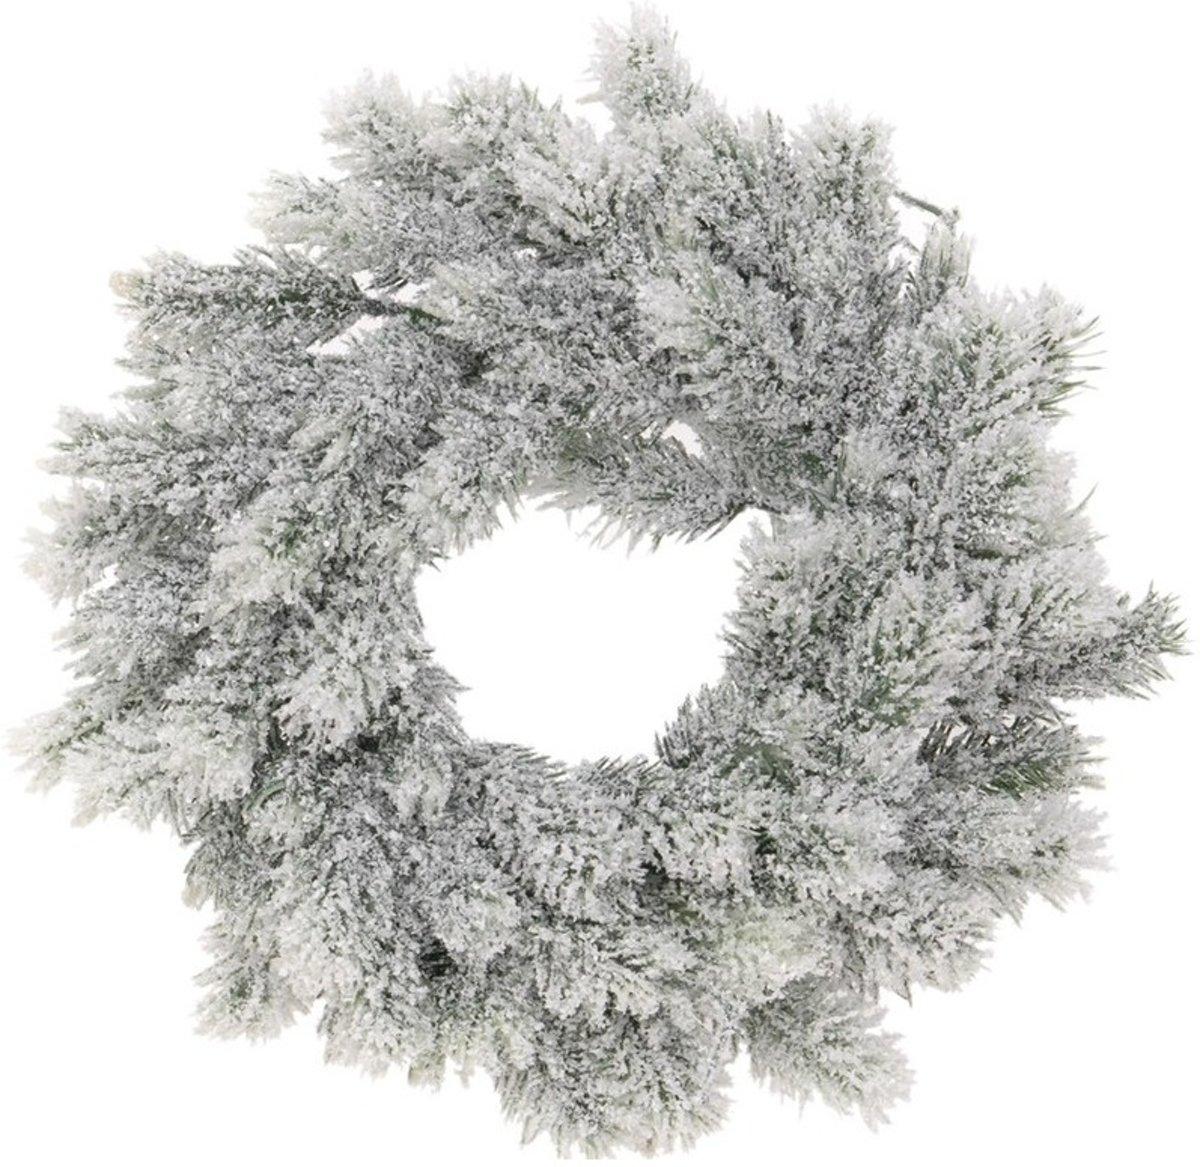 Kunst kerstkrans groen/sneeuw 35 cm kopen